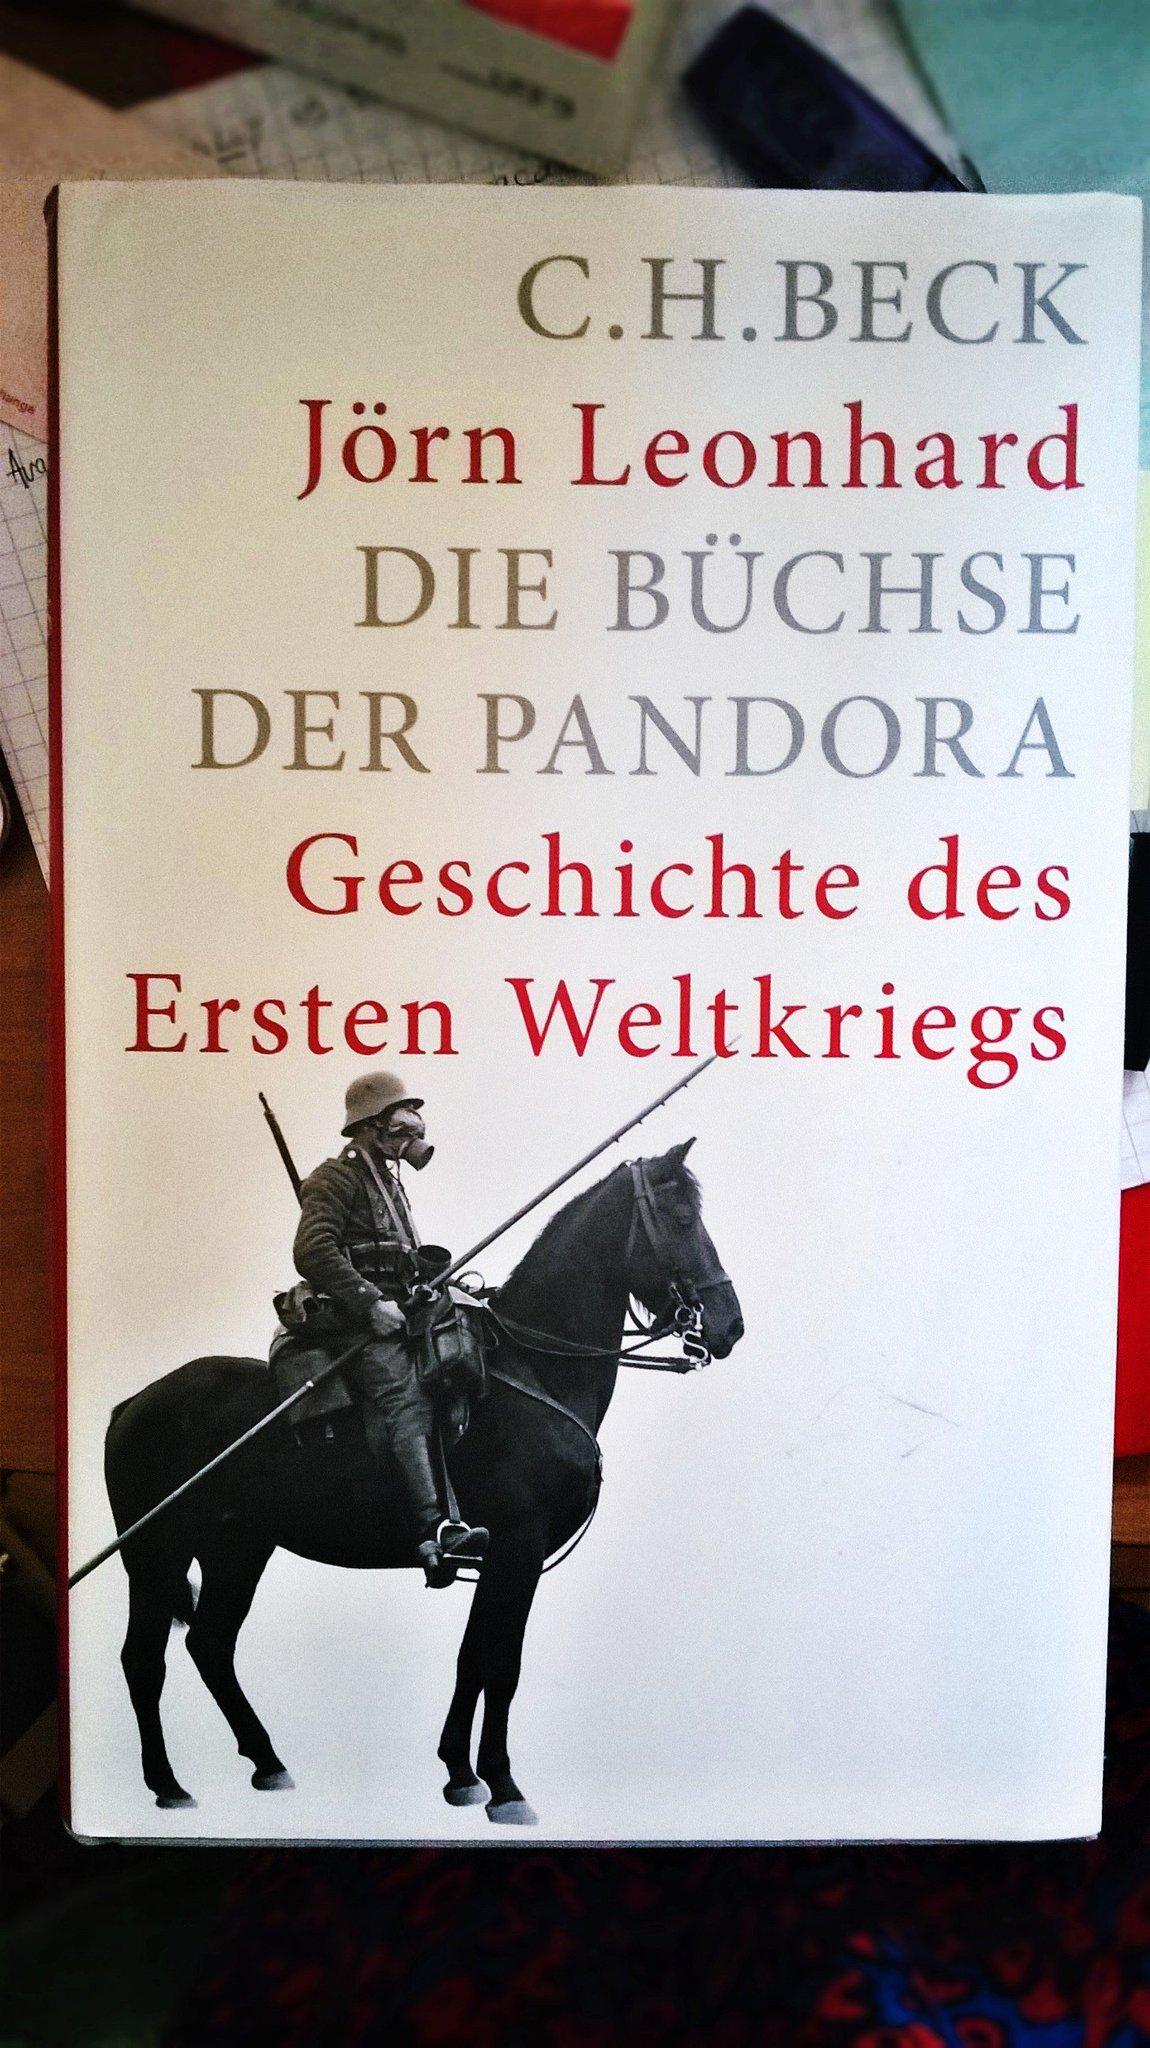 Jörn Leonhard - Geschichte des ersten Weltkriegs #VendrediLecture #VendredHIST https://t.co/fsJHfBJ8q4